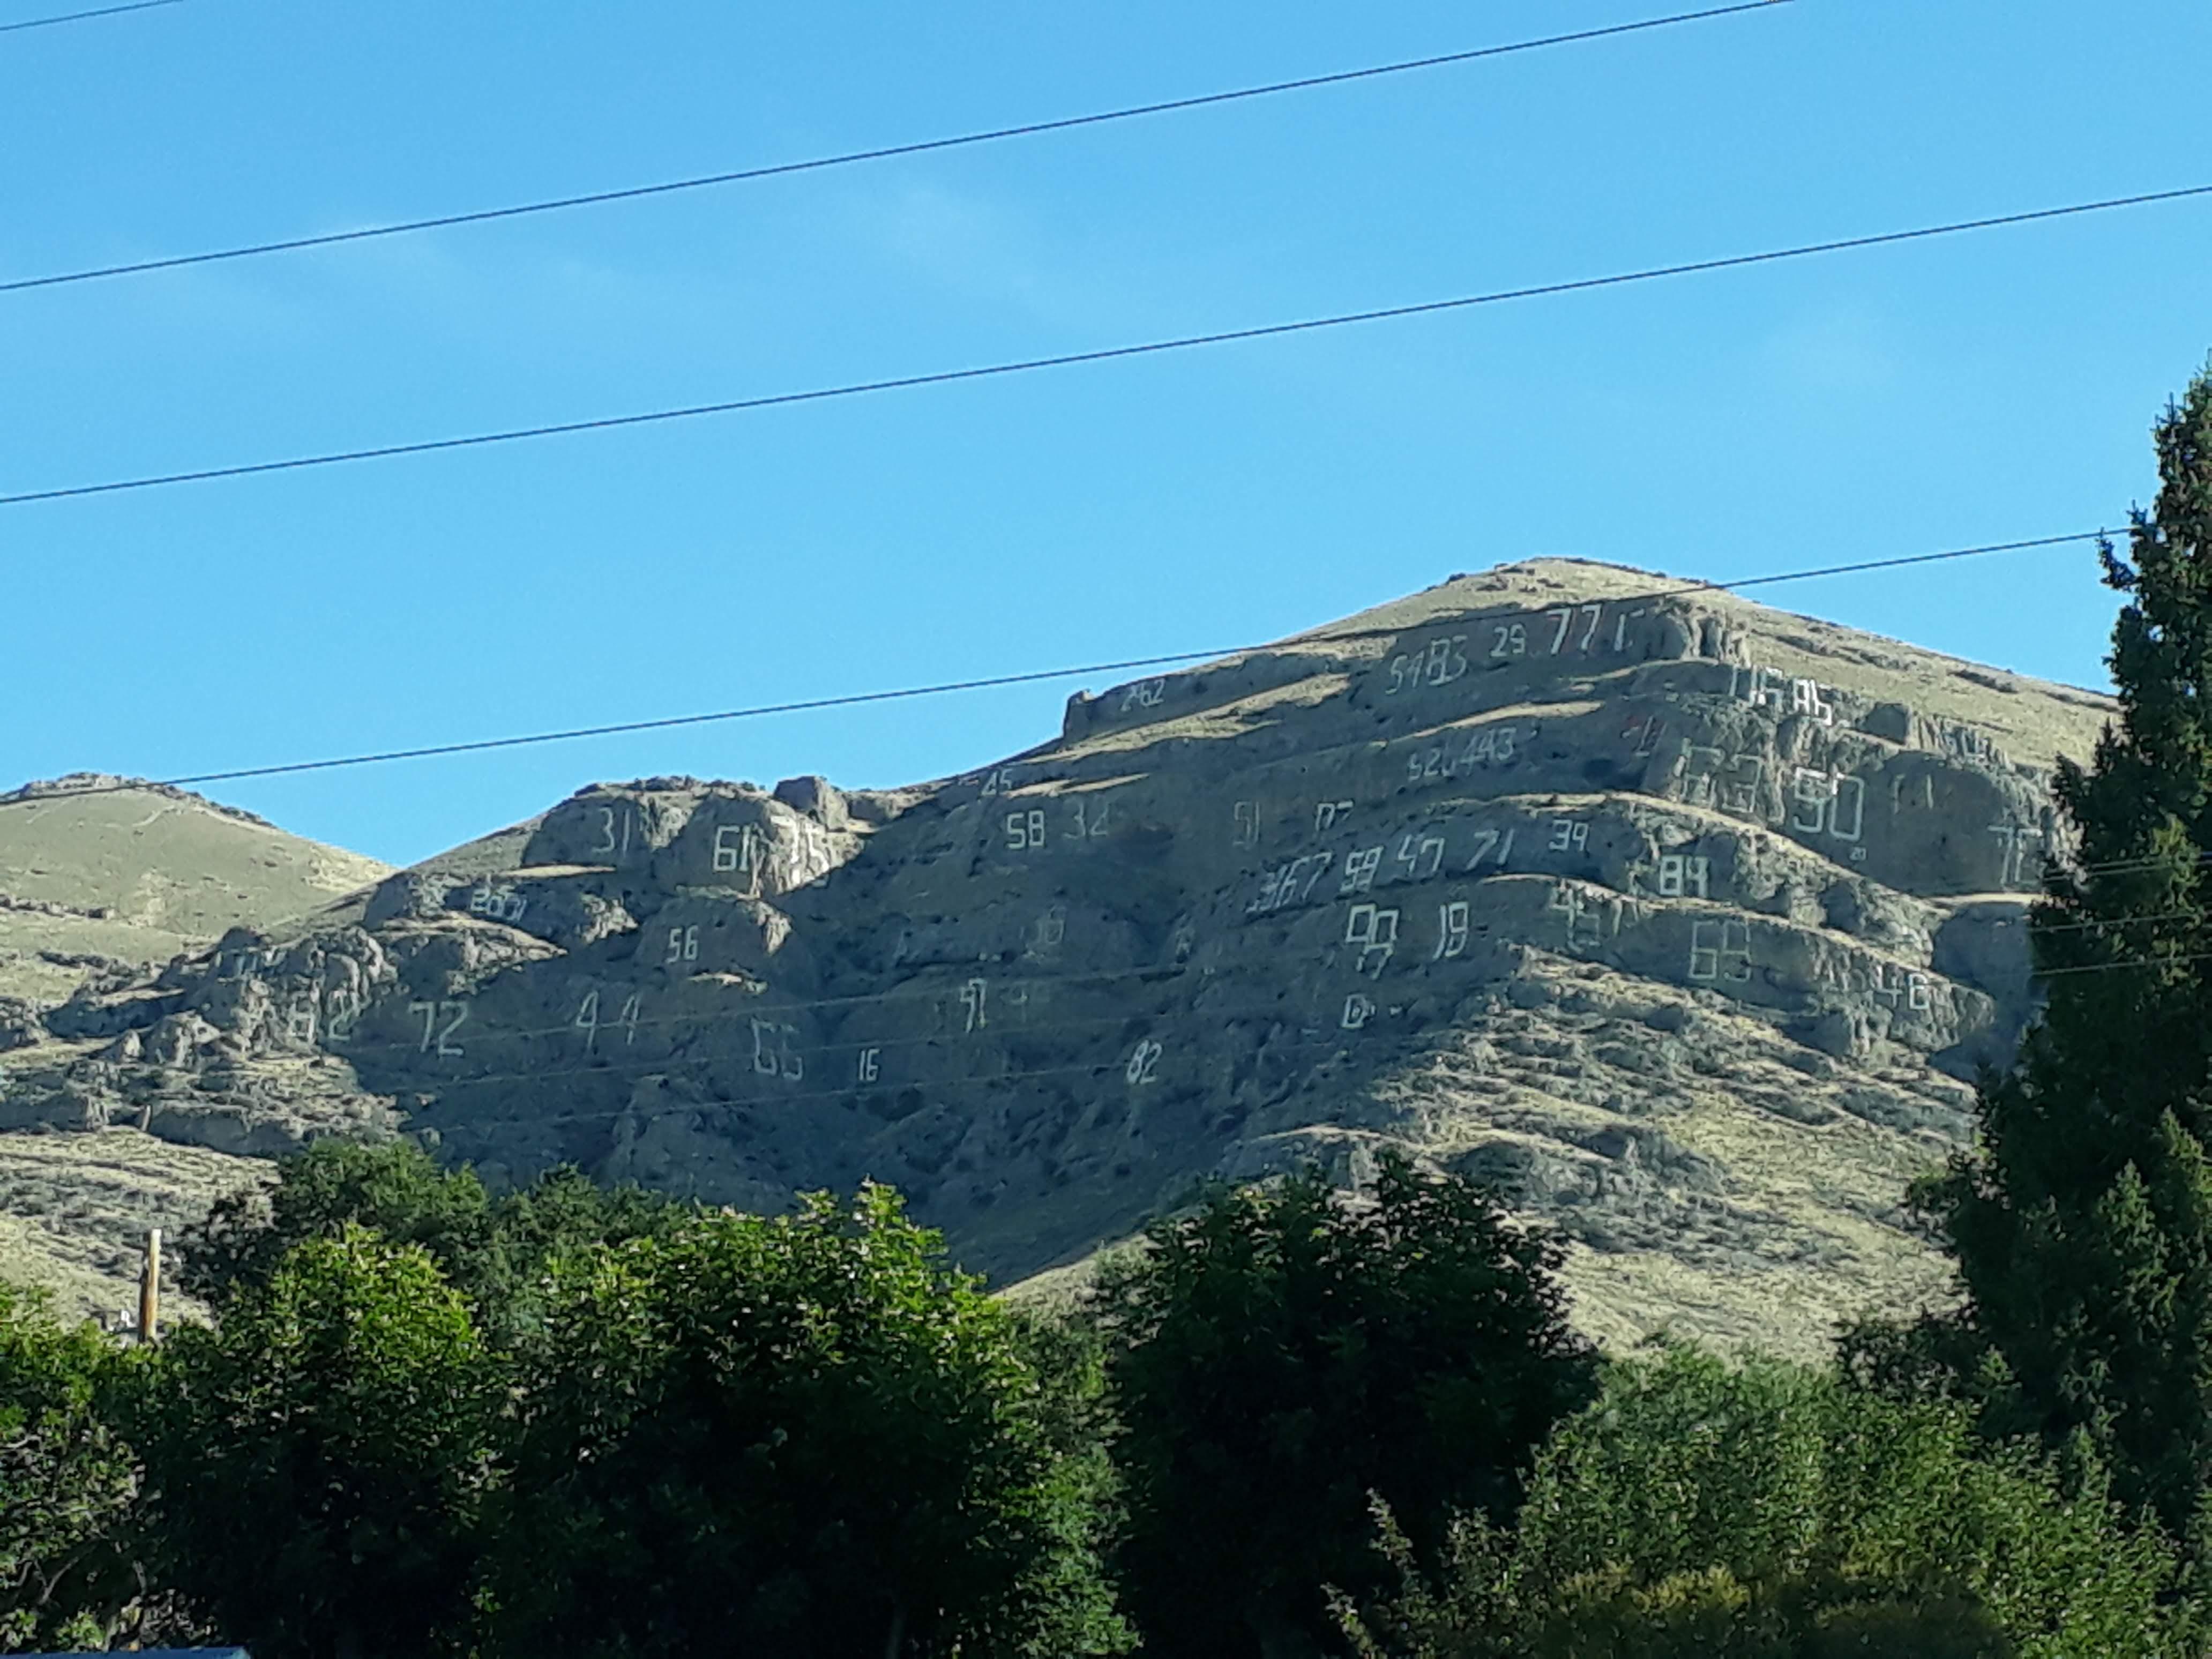 Arco - Idaho - Graduation Hill